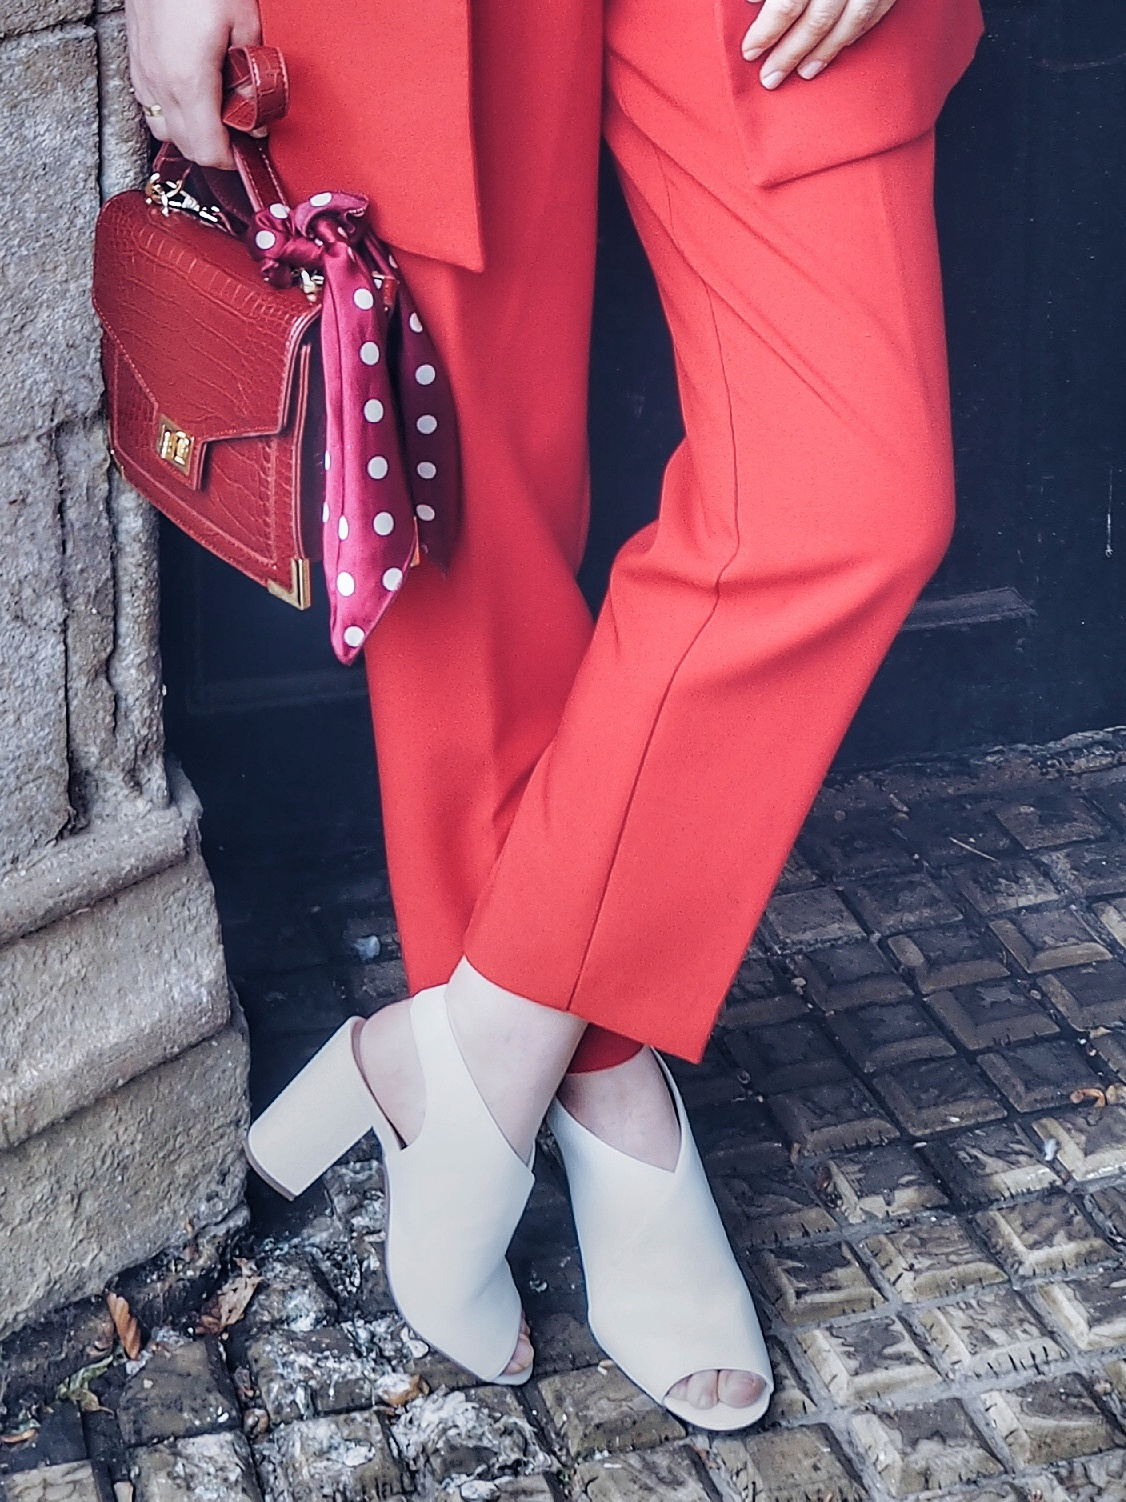 White block heels & red suit czyli czerwony garnitur i białe sandałki na słupku